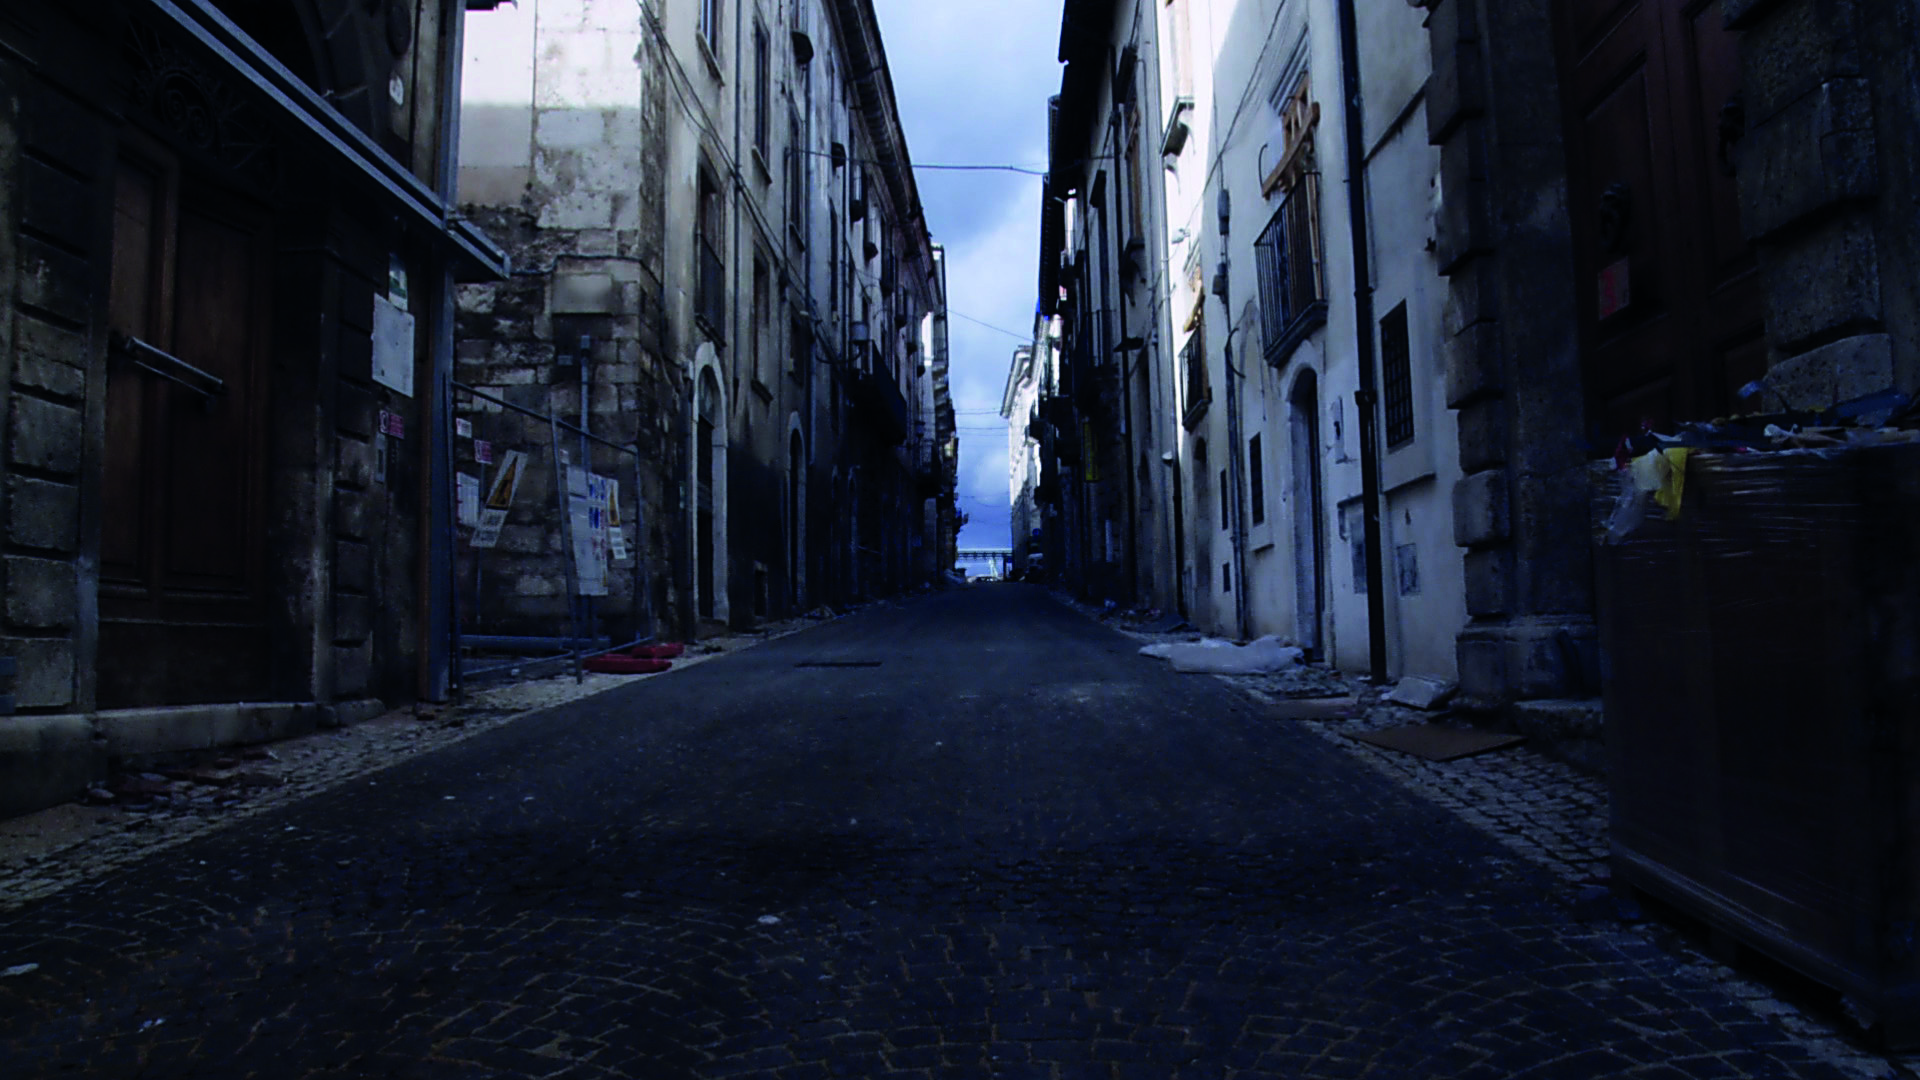 Das verlassene Zentrum von L'Aquila, das 2009 von einem Erdbeben verwüstet wurde. Bild: mediart01films.